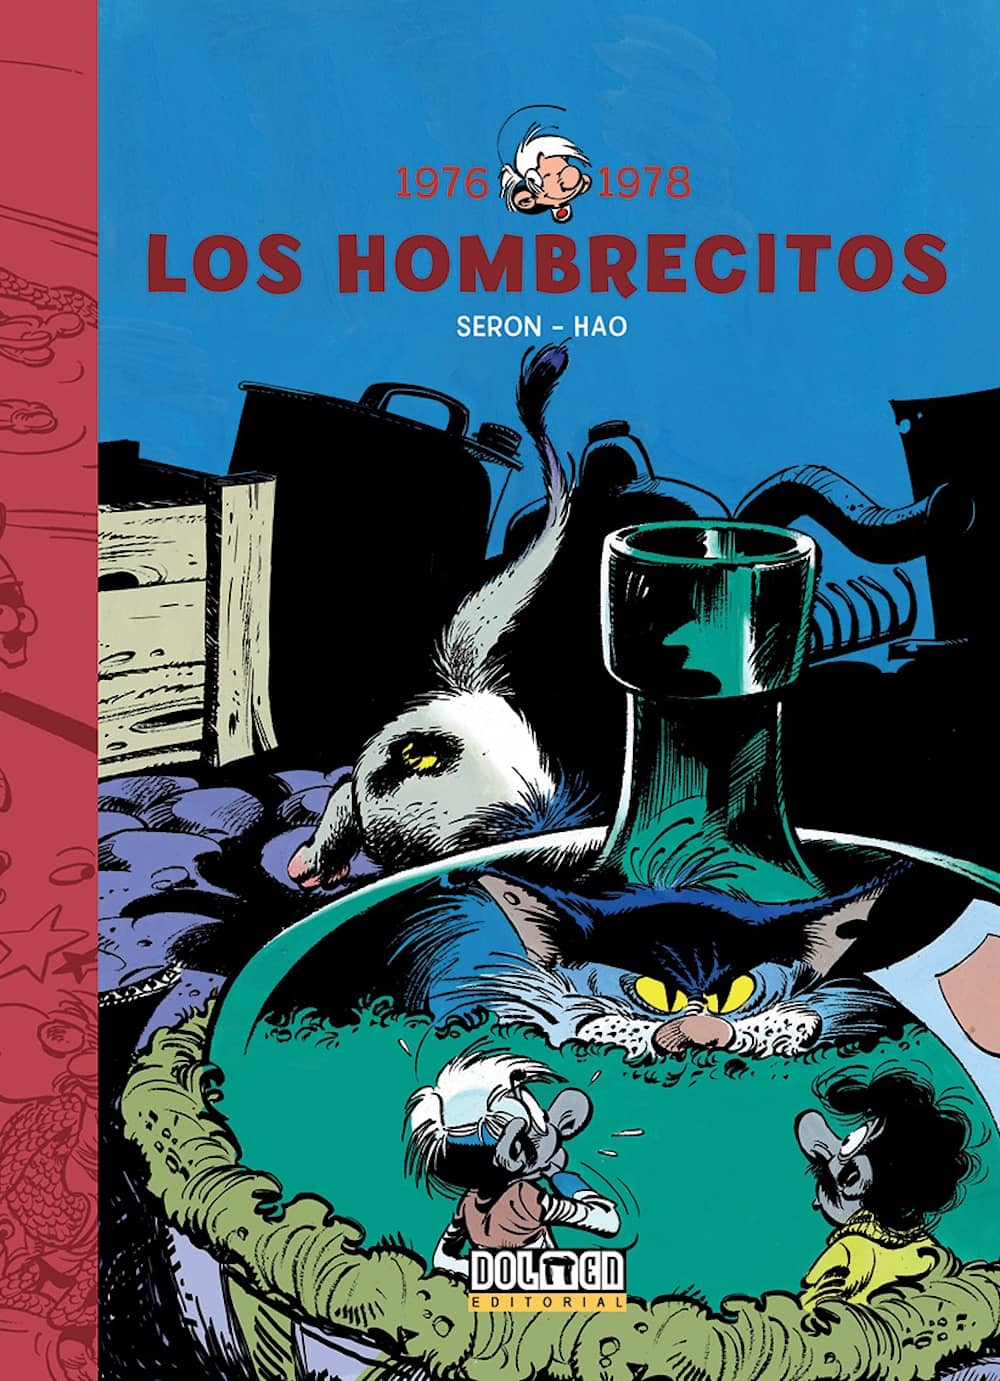 LOS HOMBRECITOS 05: 1976-1978